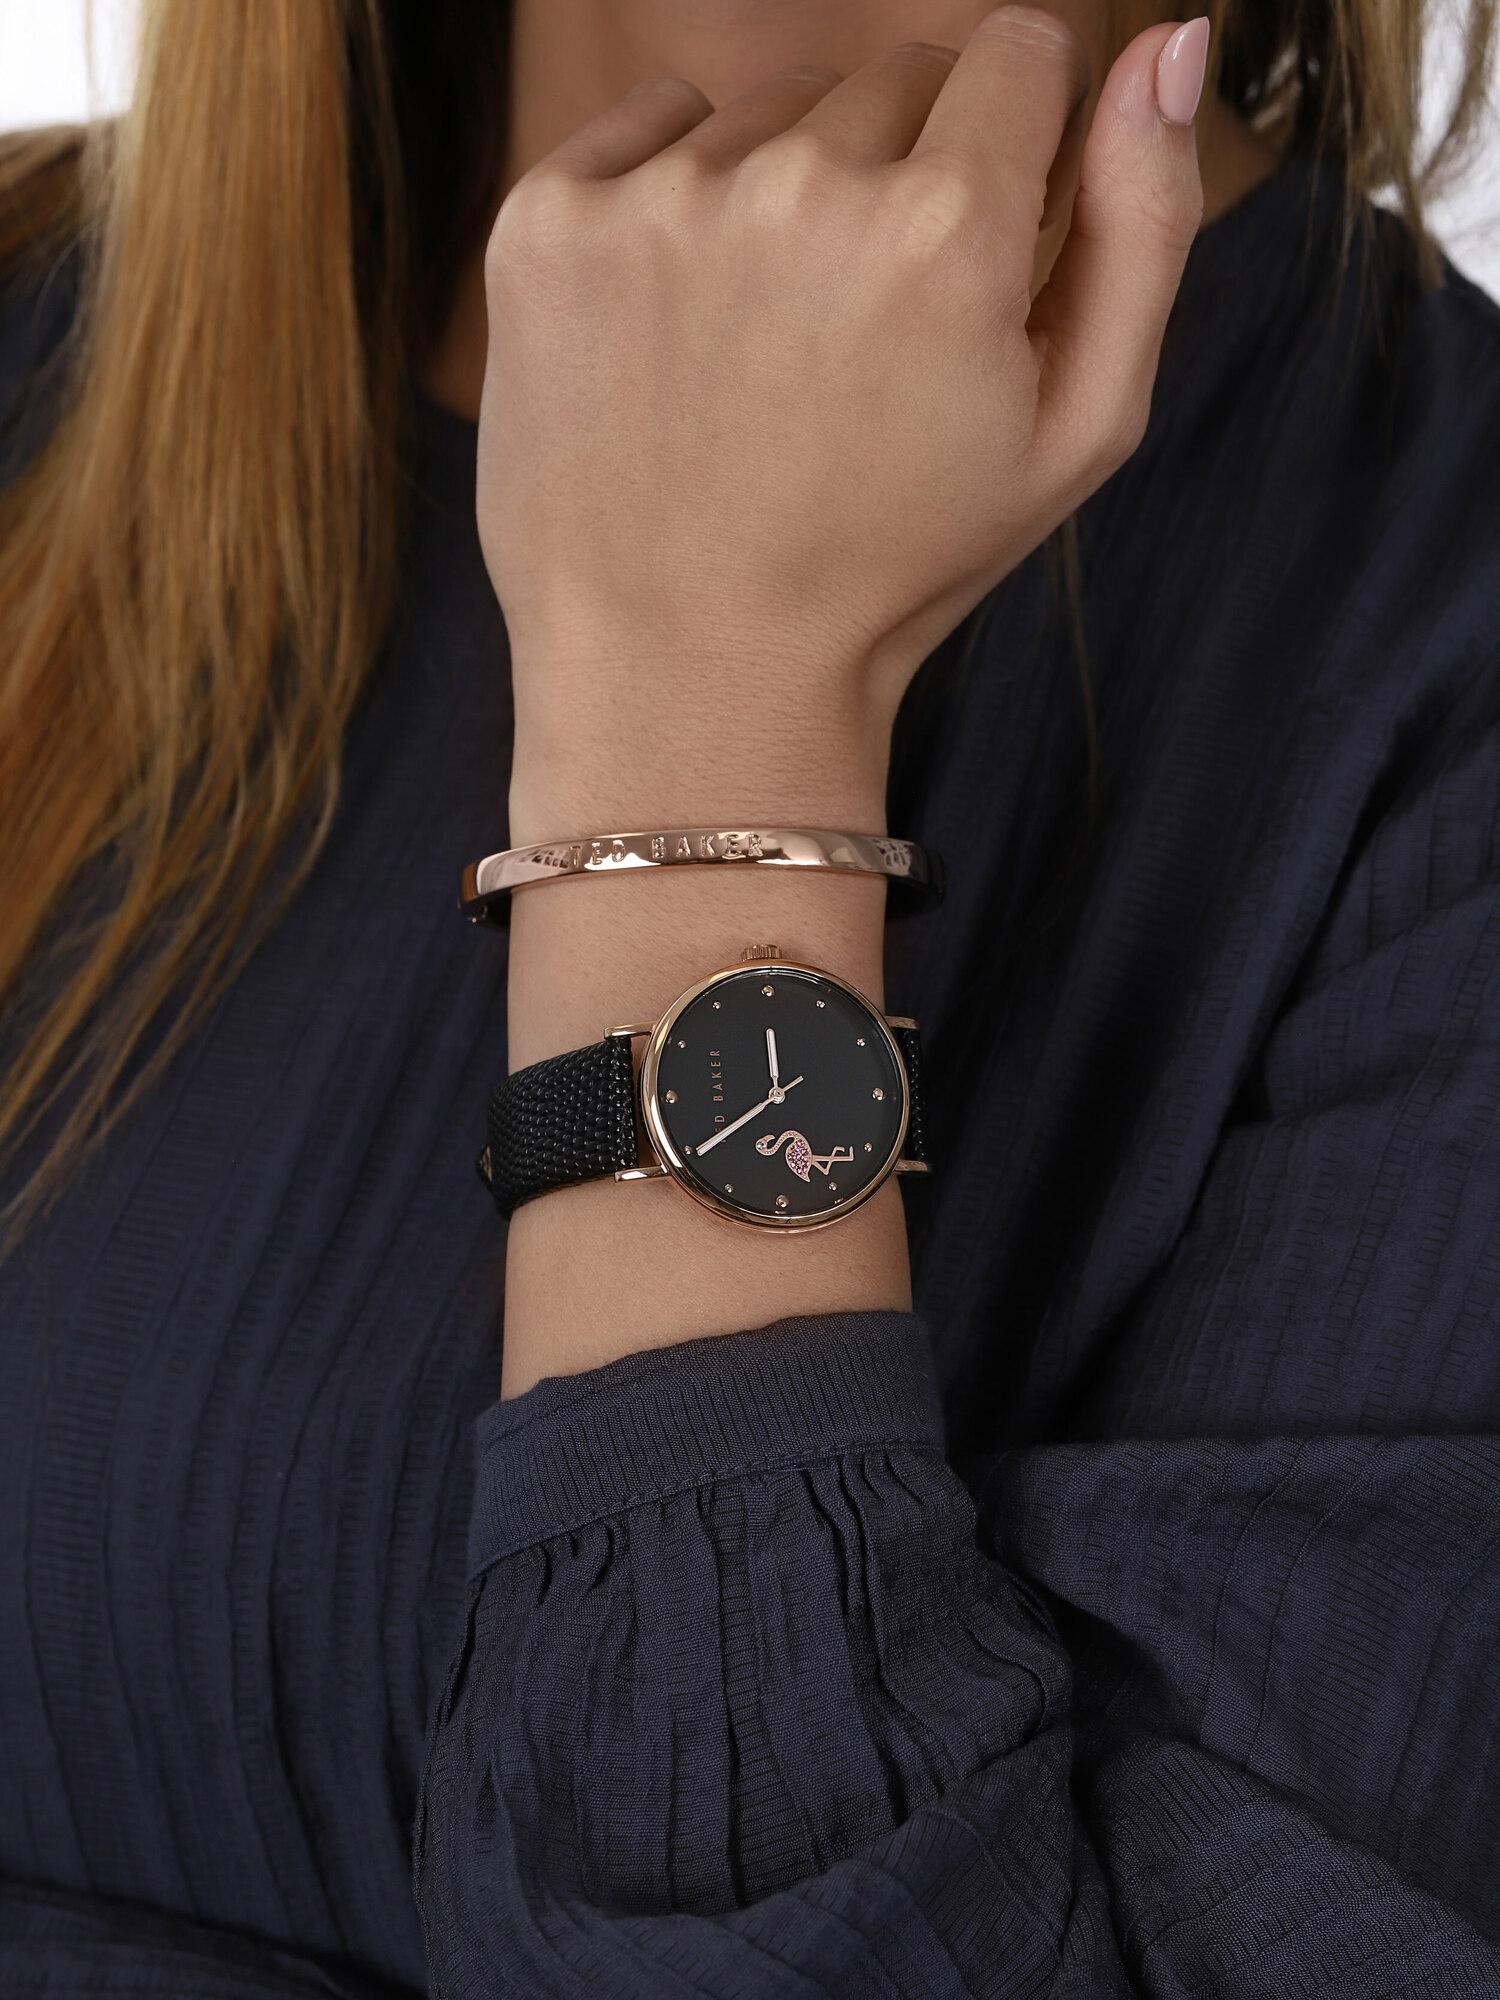 Ted Baker TWG024900 Phylipa Gift Set zegarek klasyczny pasek